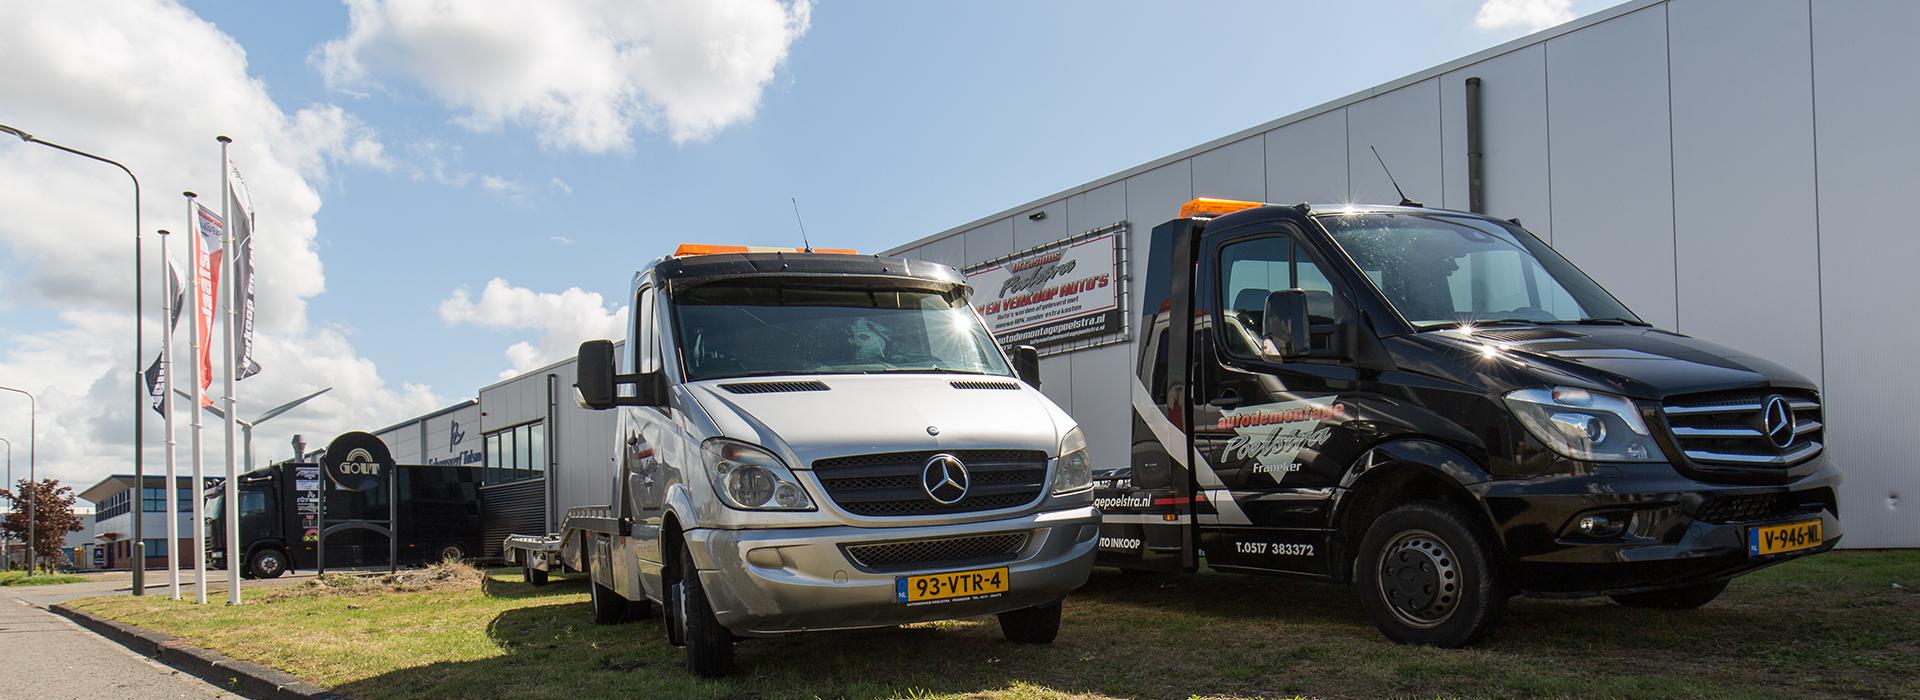 Auto Ophaalservie Friesland